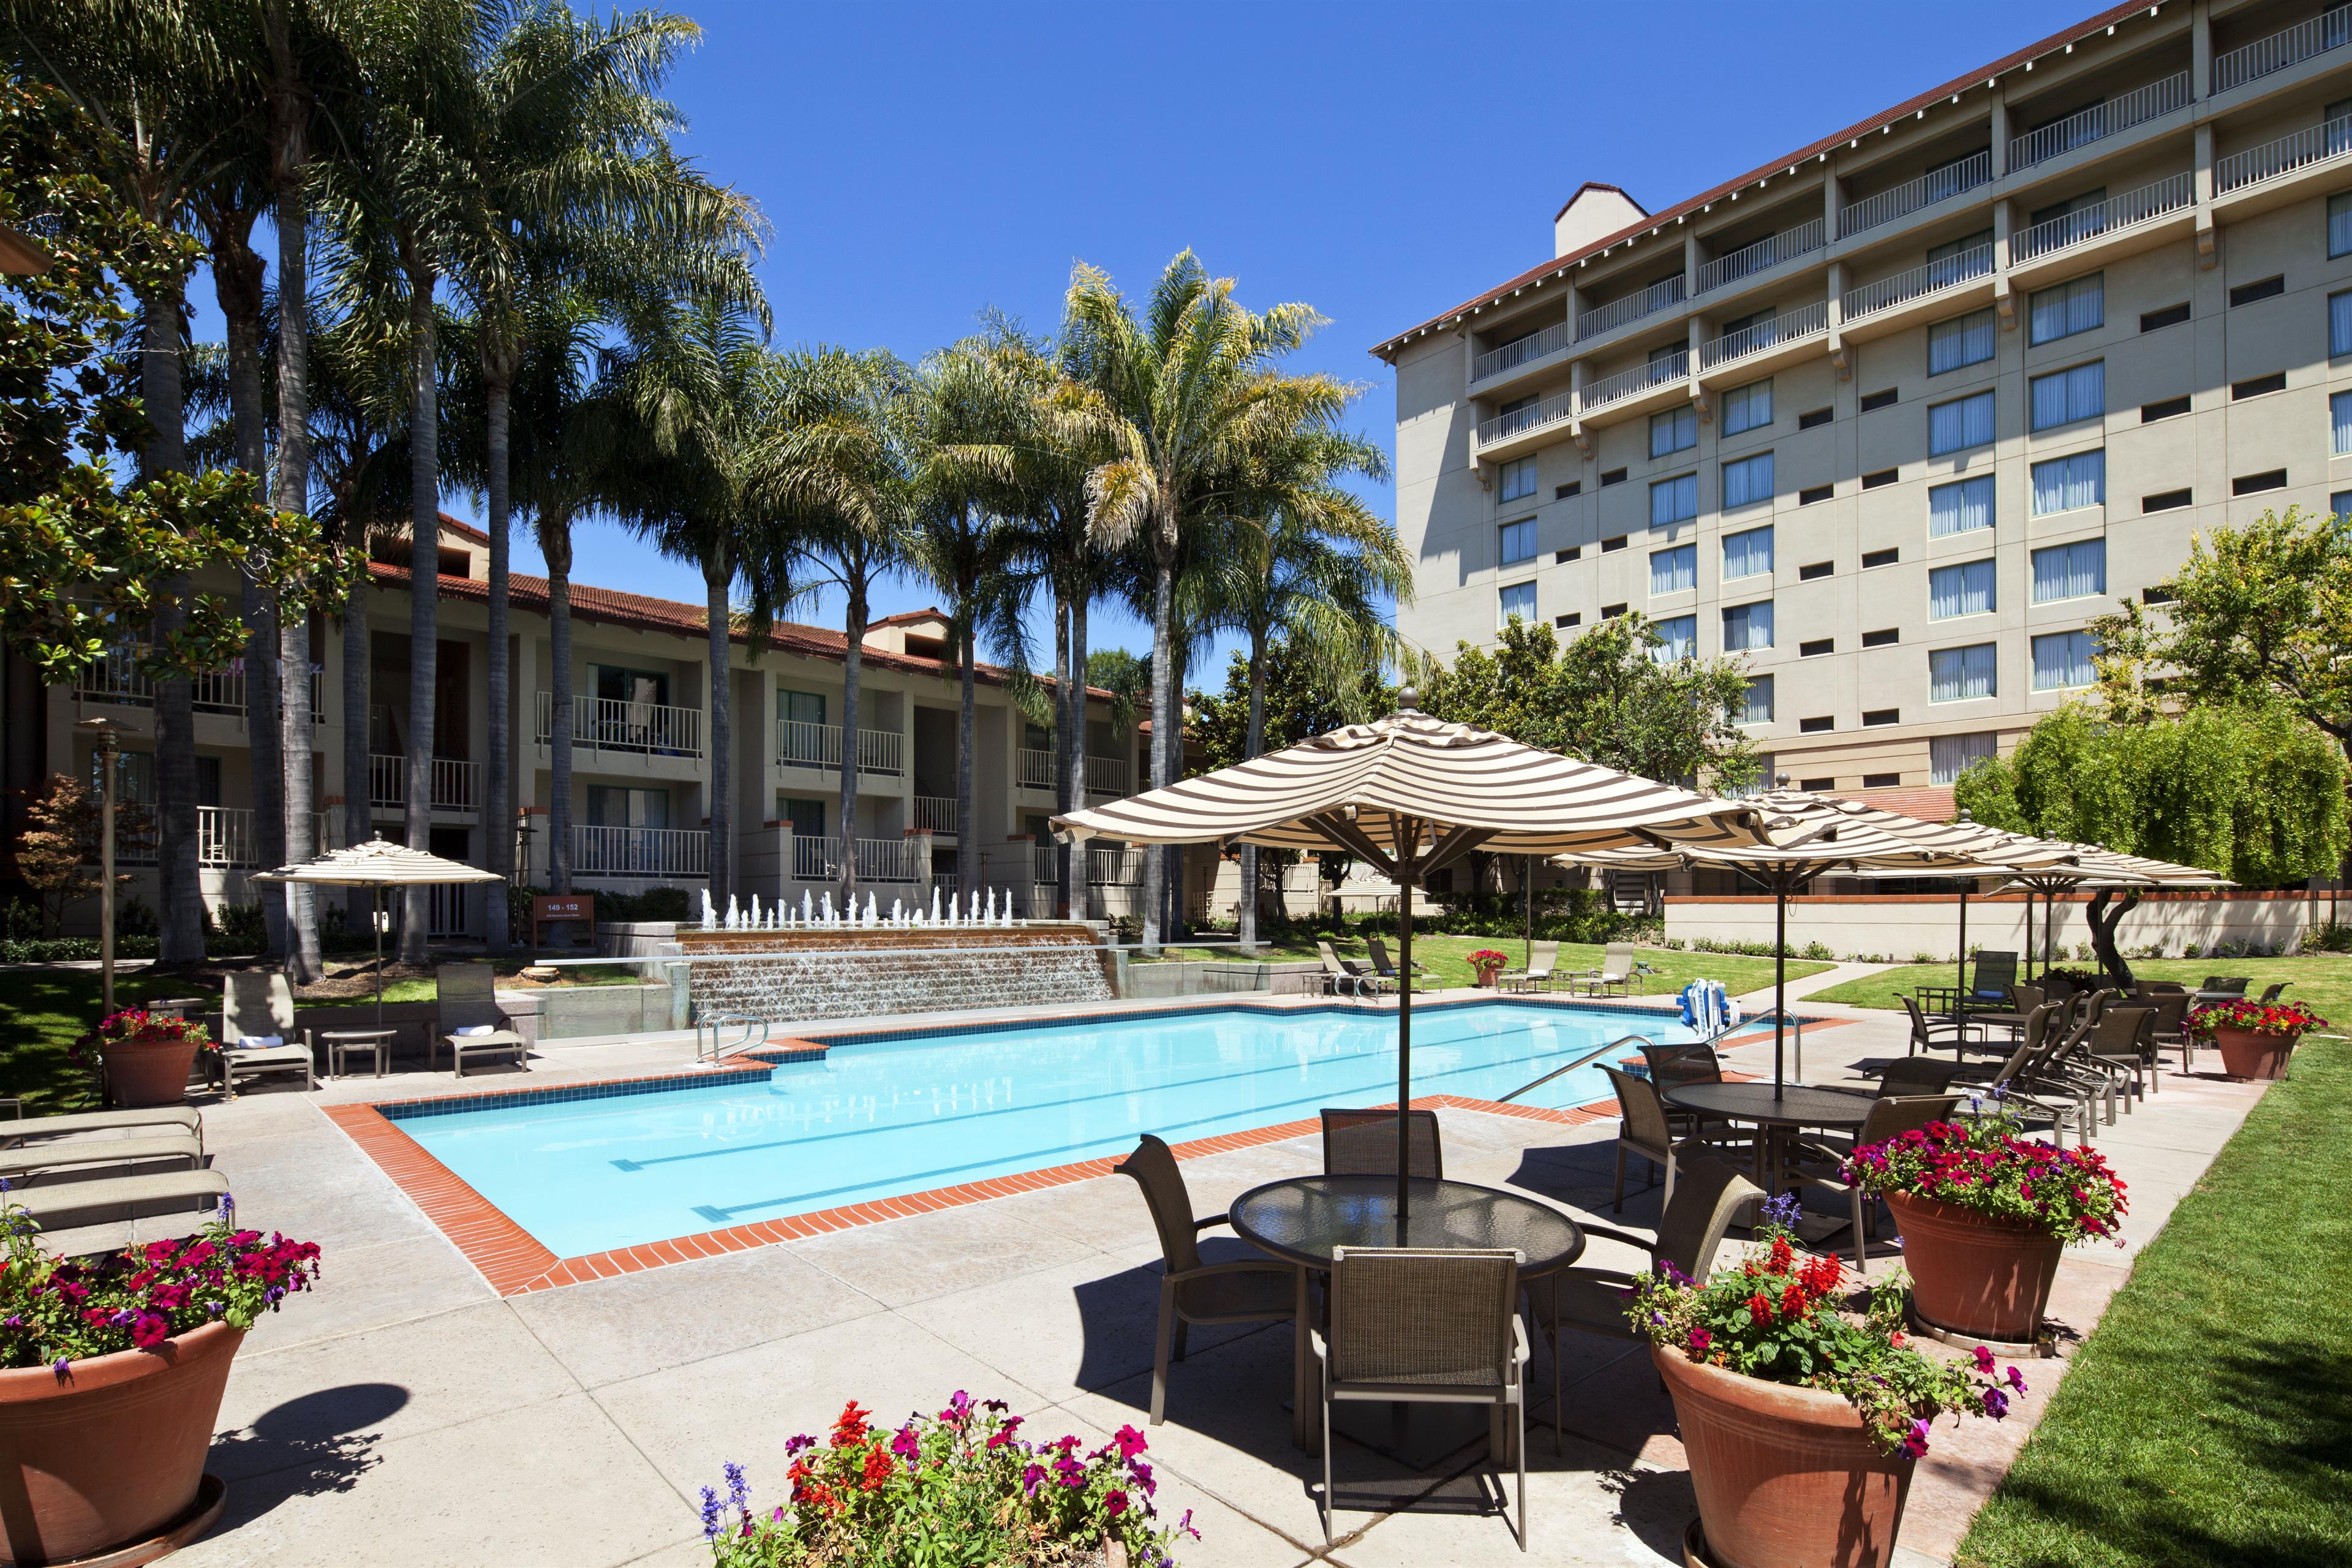 Sheraton San Jose Hotel image 4